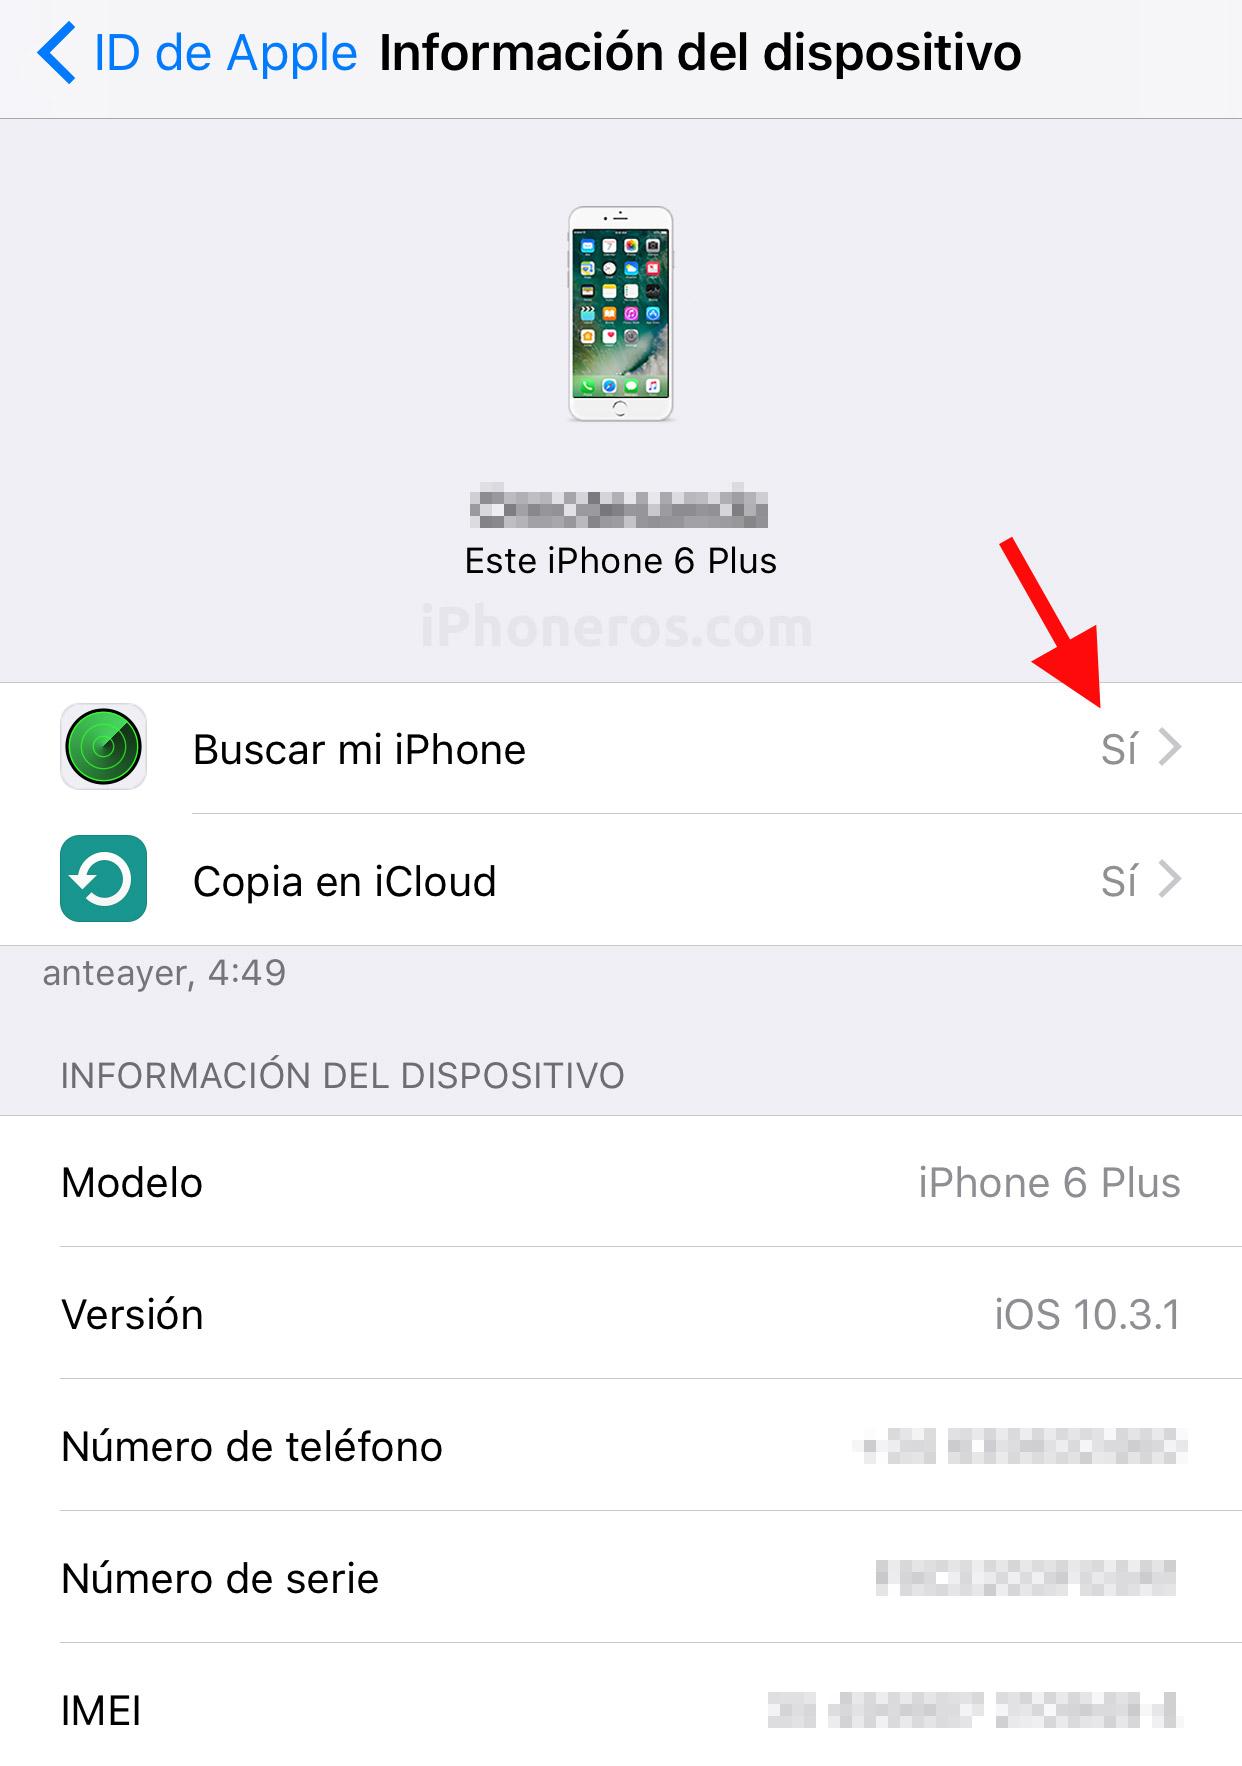 Opción de Buscar mi iPhone activada